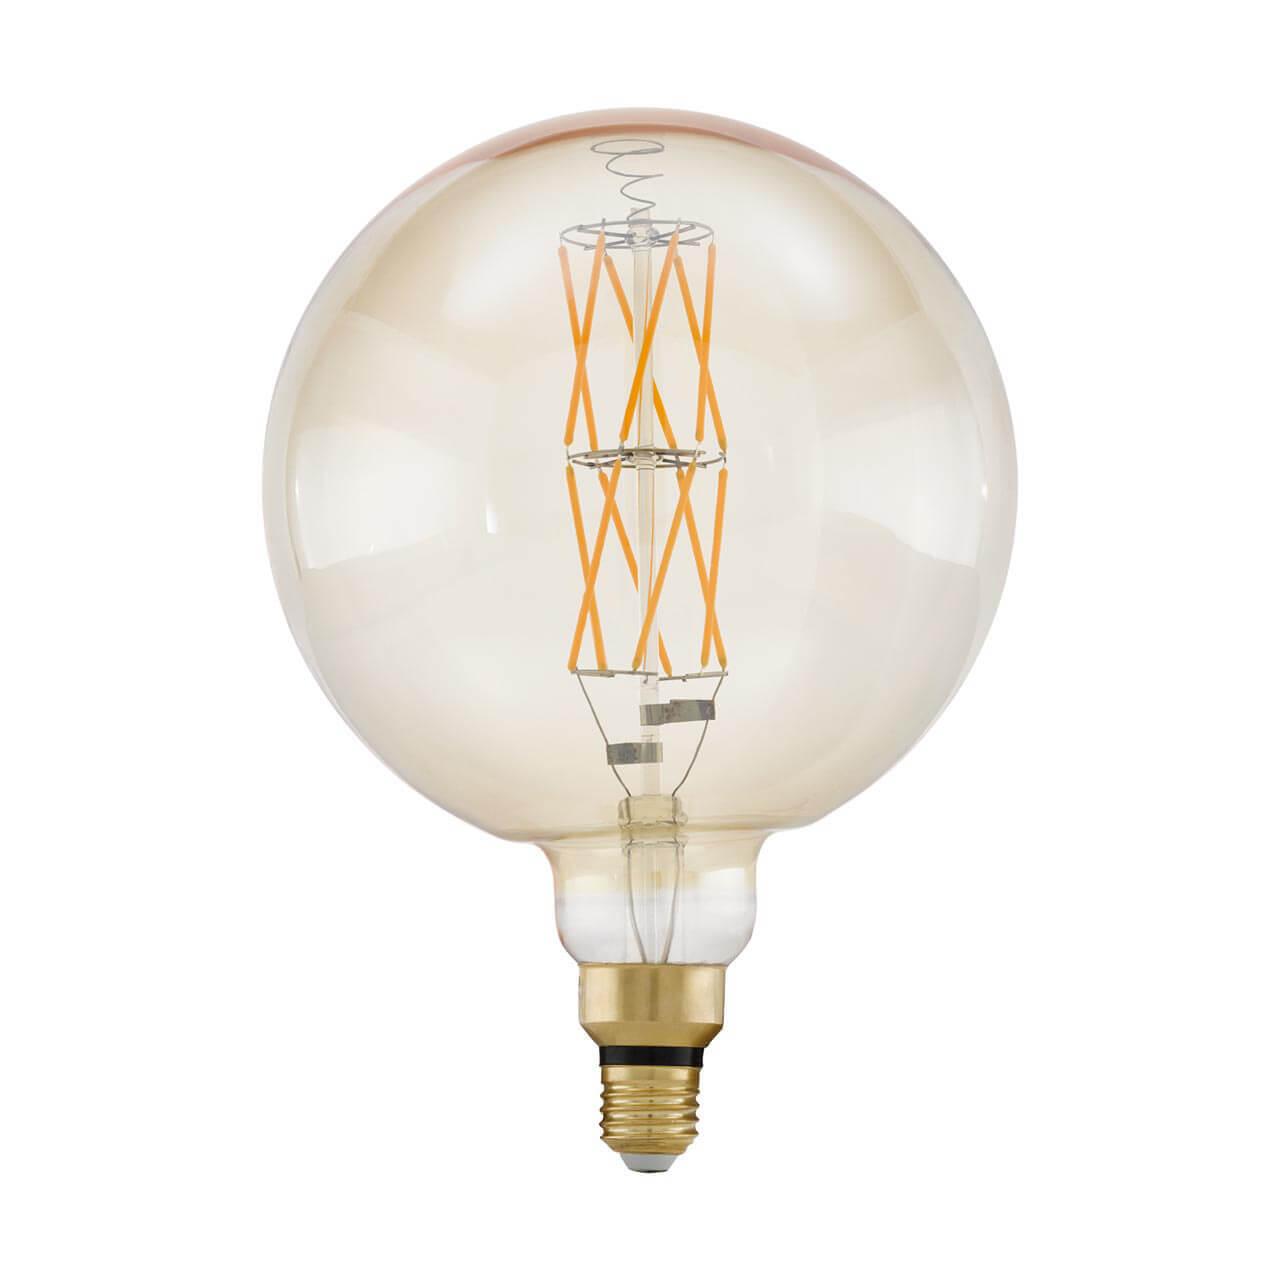 цена на Лампа светодиодная филаментная диммируемая Eglo E27 8W 2100К янтарь 11687